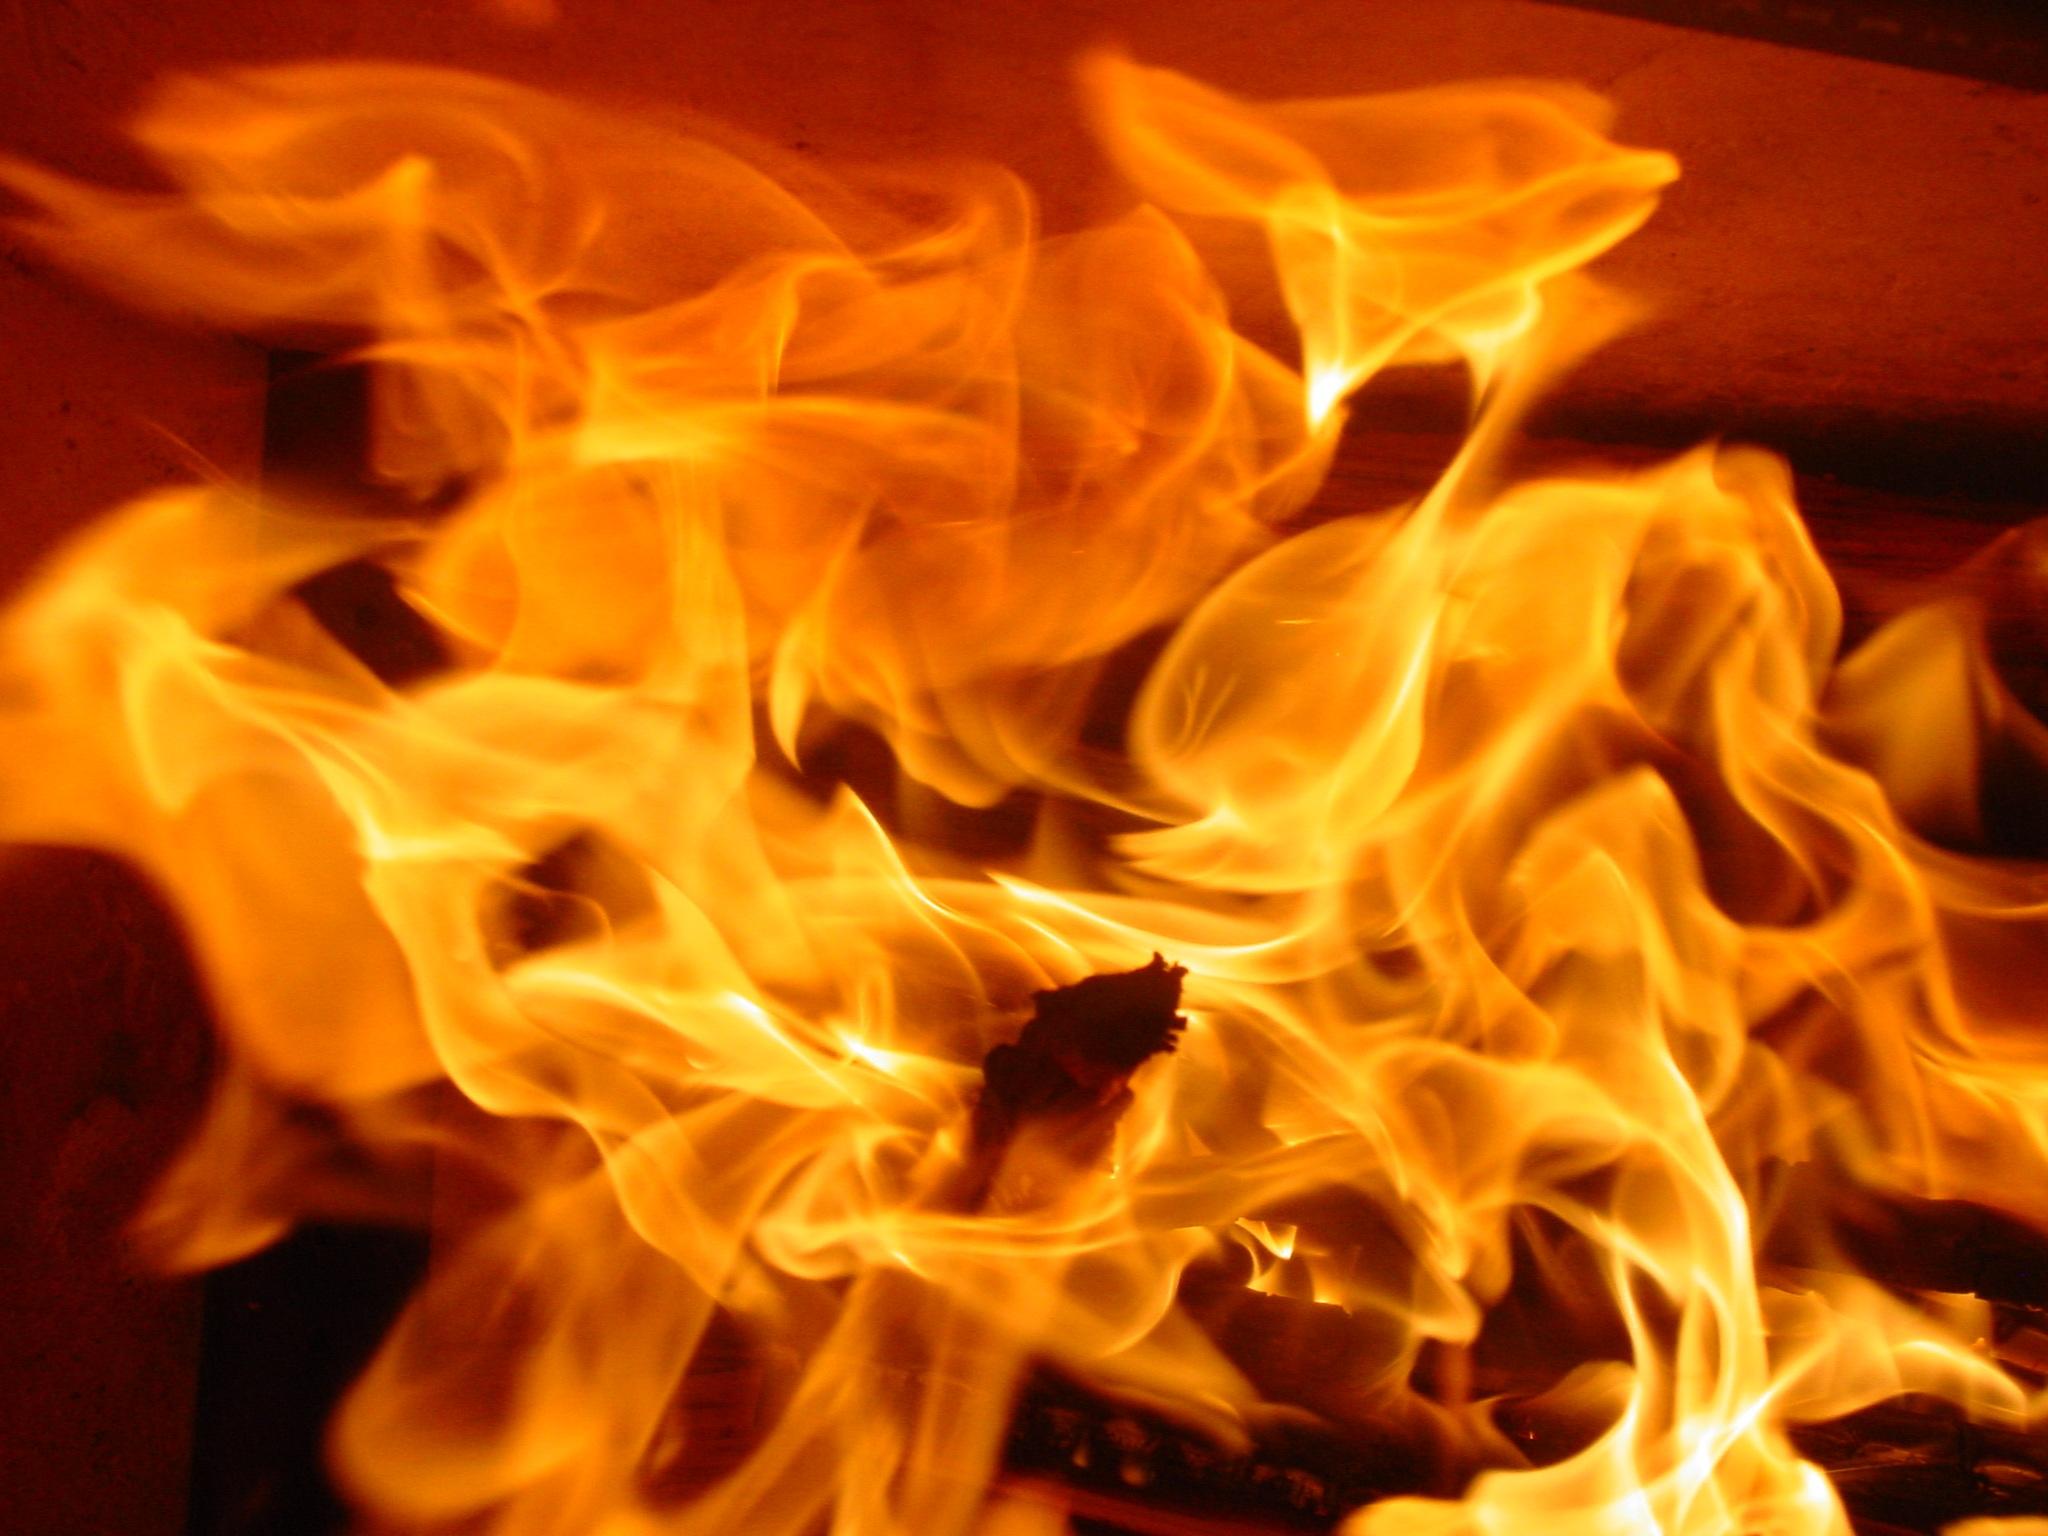 hoa trái cam Đỏ Ngọn lửa ngọn lửa Phát sáng màu vàng nhiệt năng lượng đốt